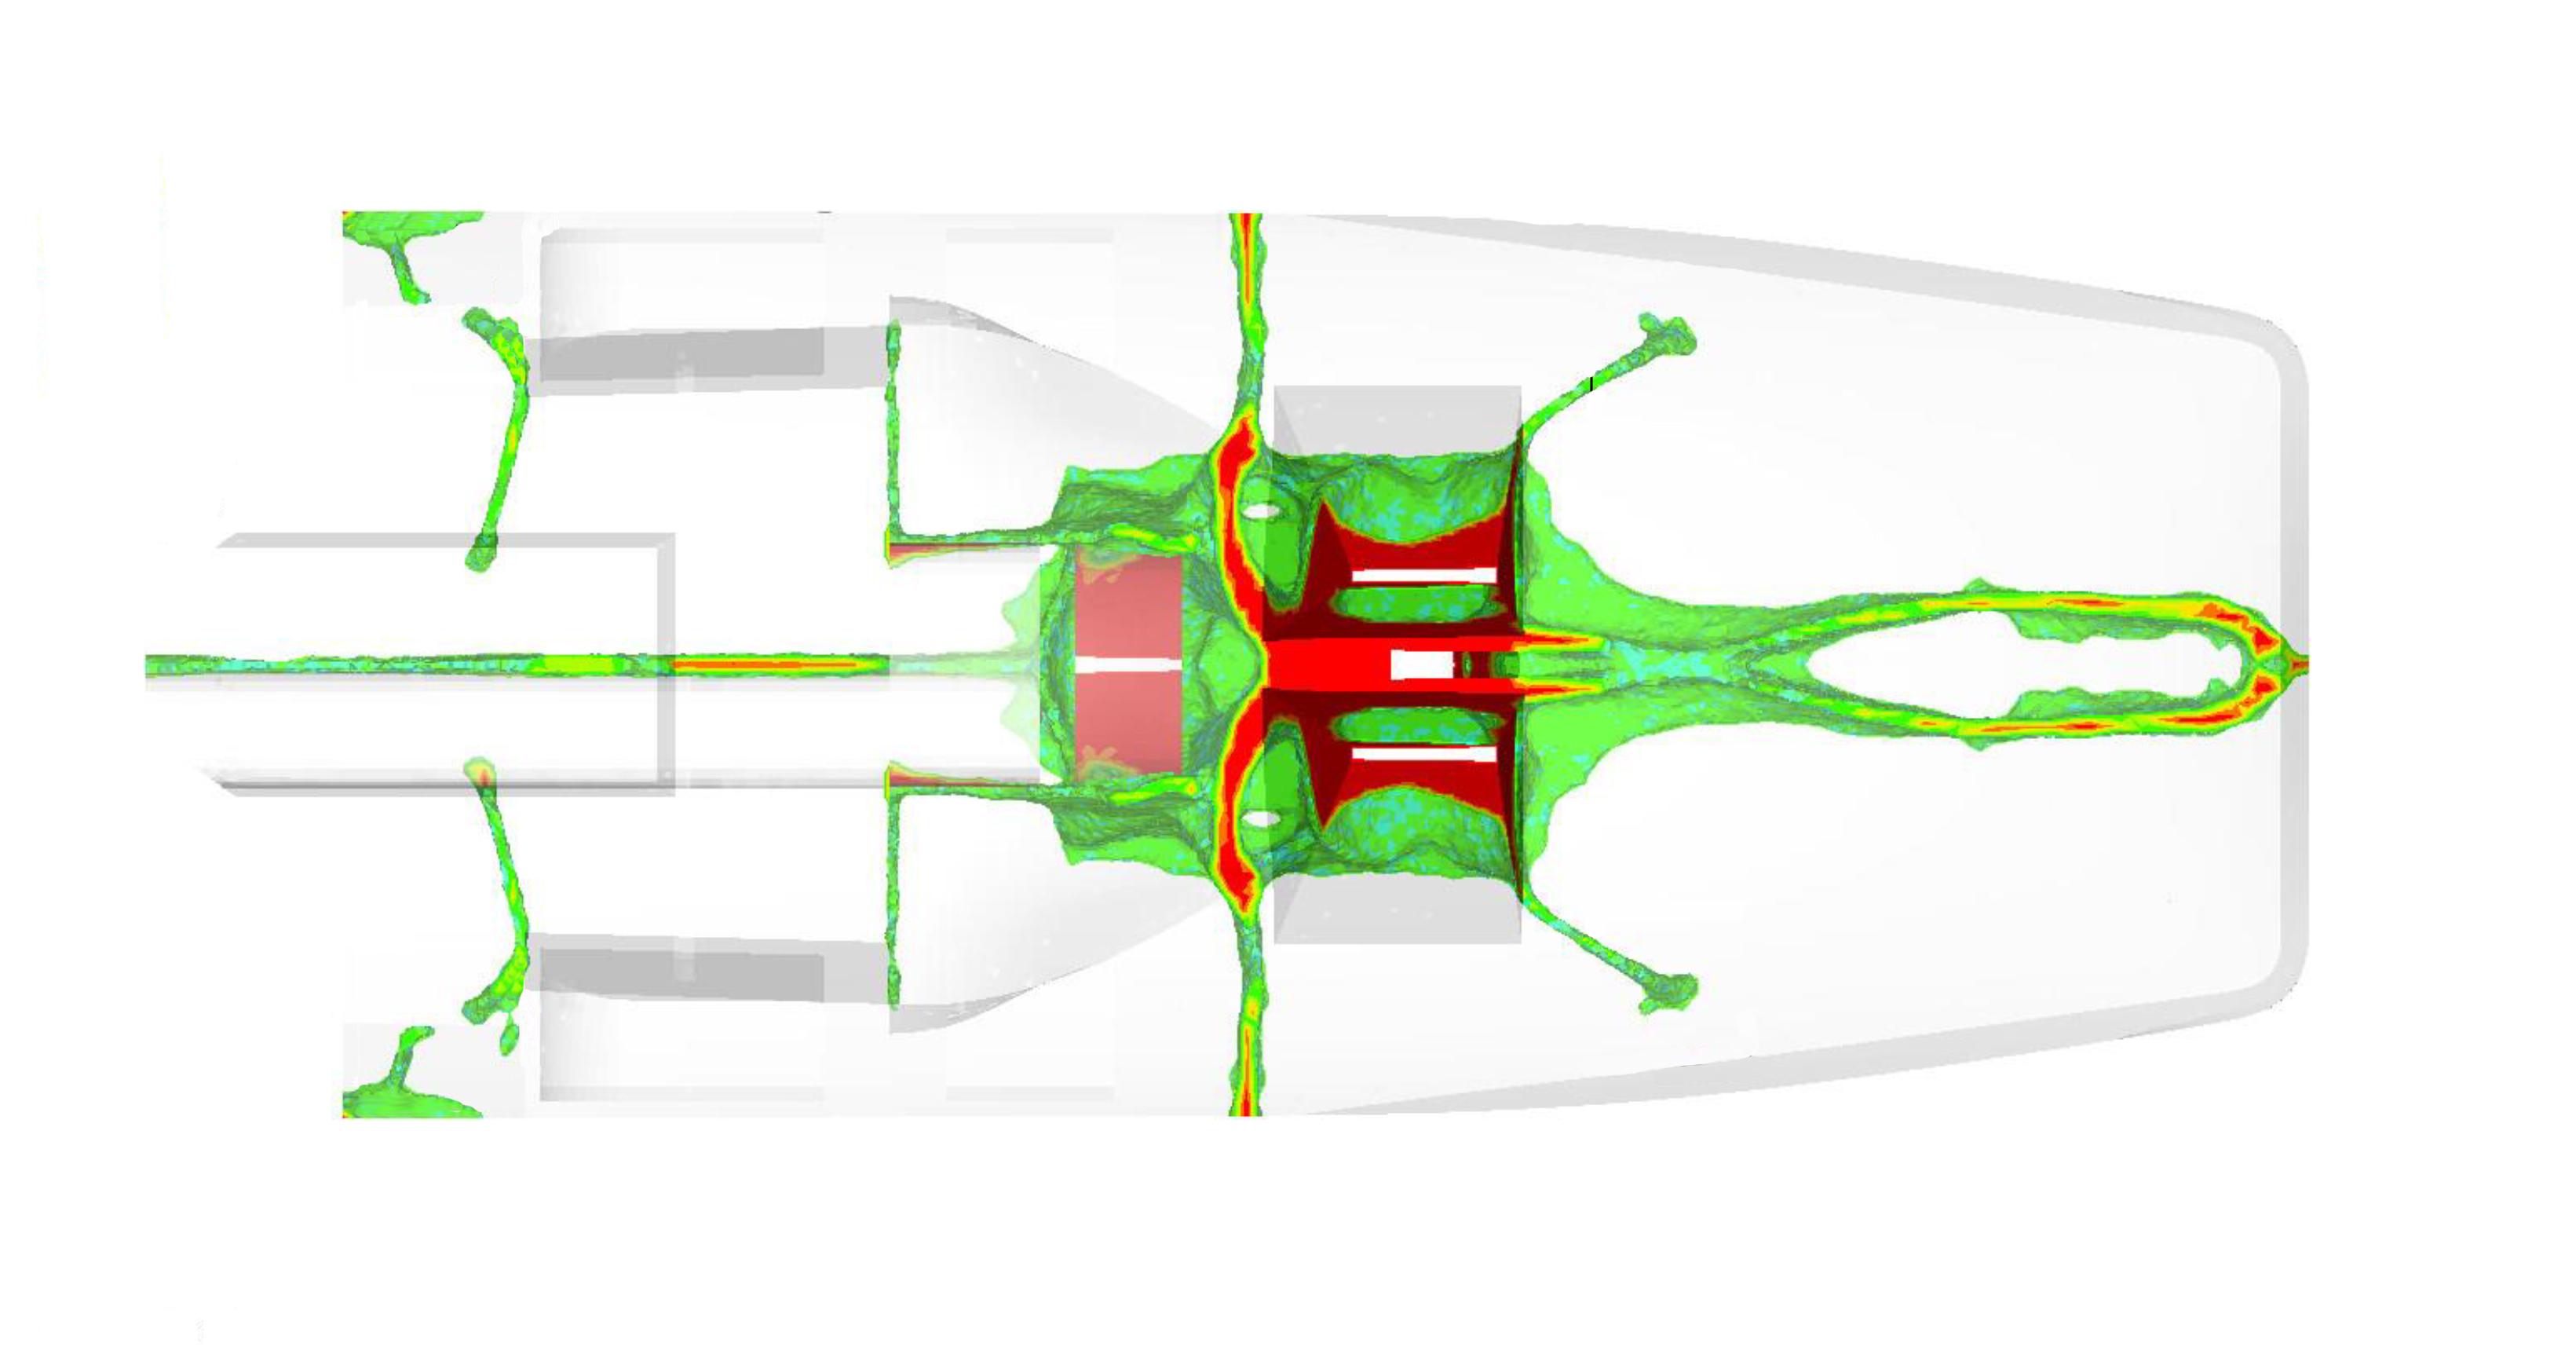 KNIERIM YACHTBAU LAUNCHES CONSTRUCTION OF BIONIC MINI 6.50 RACING YACHT.